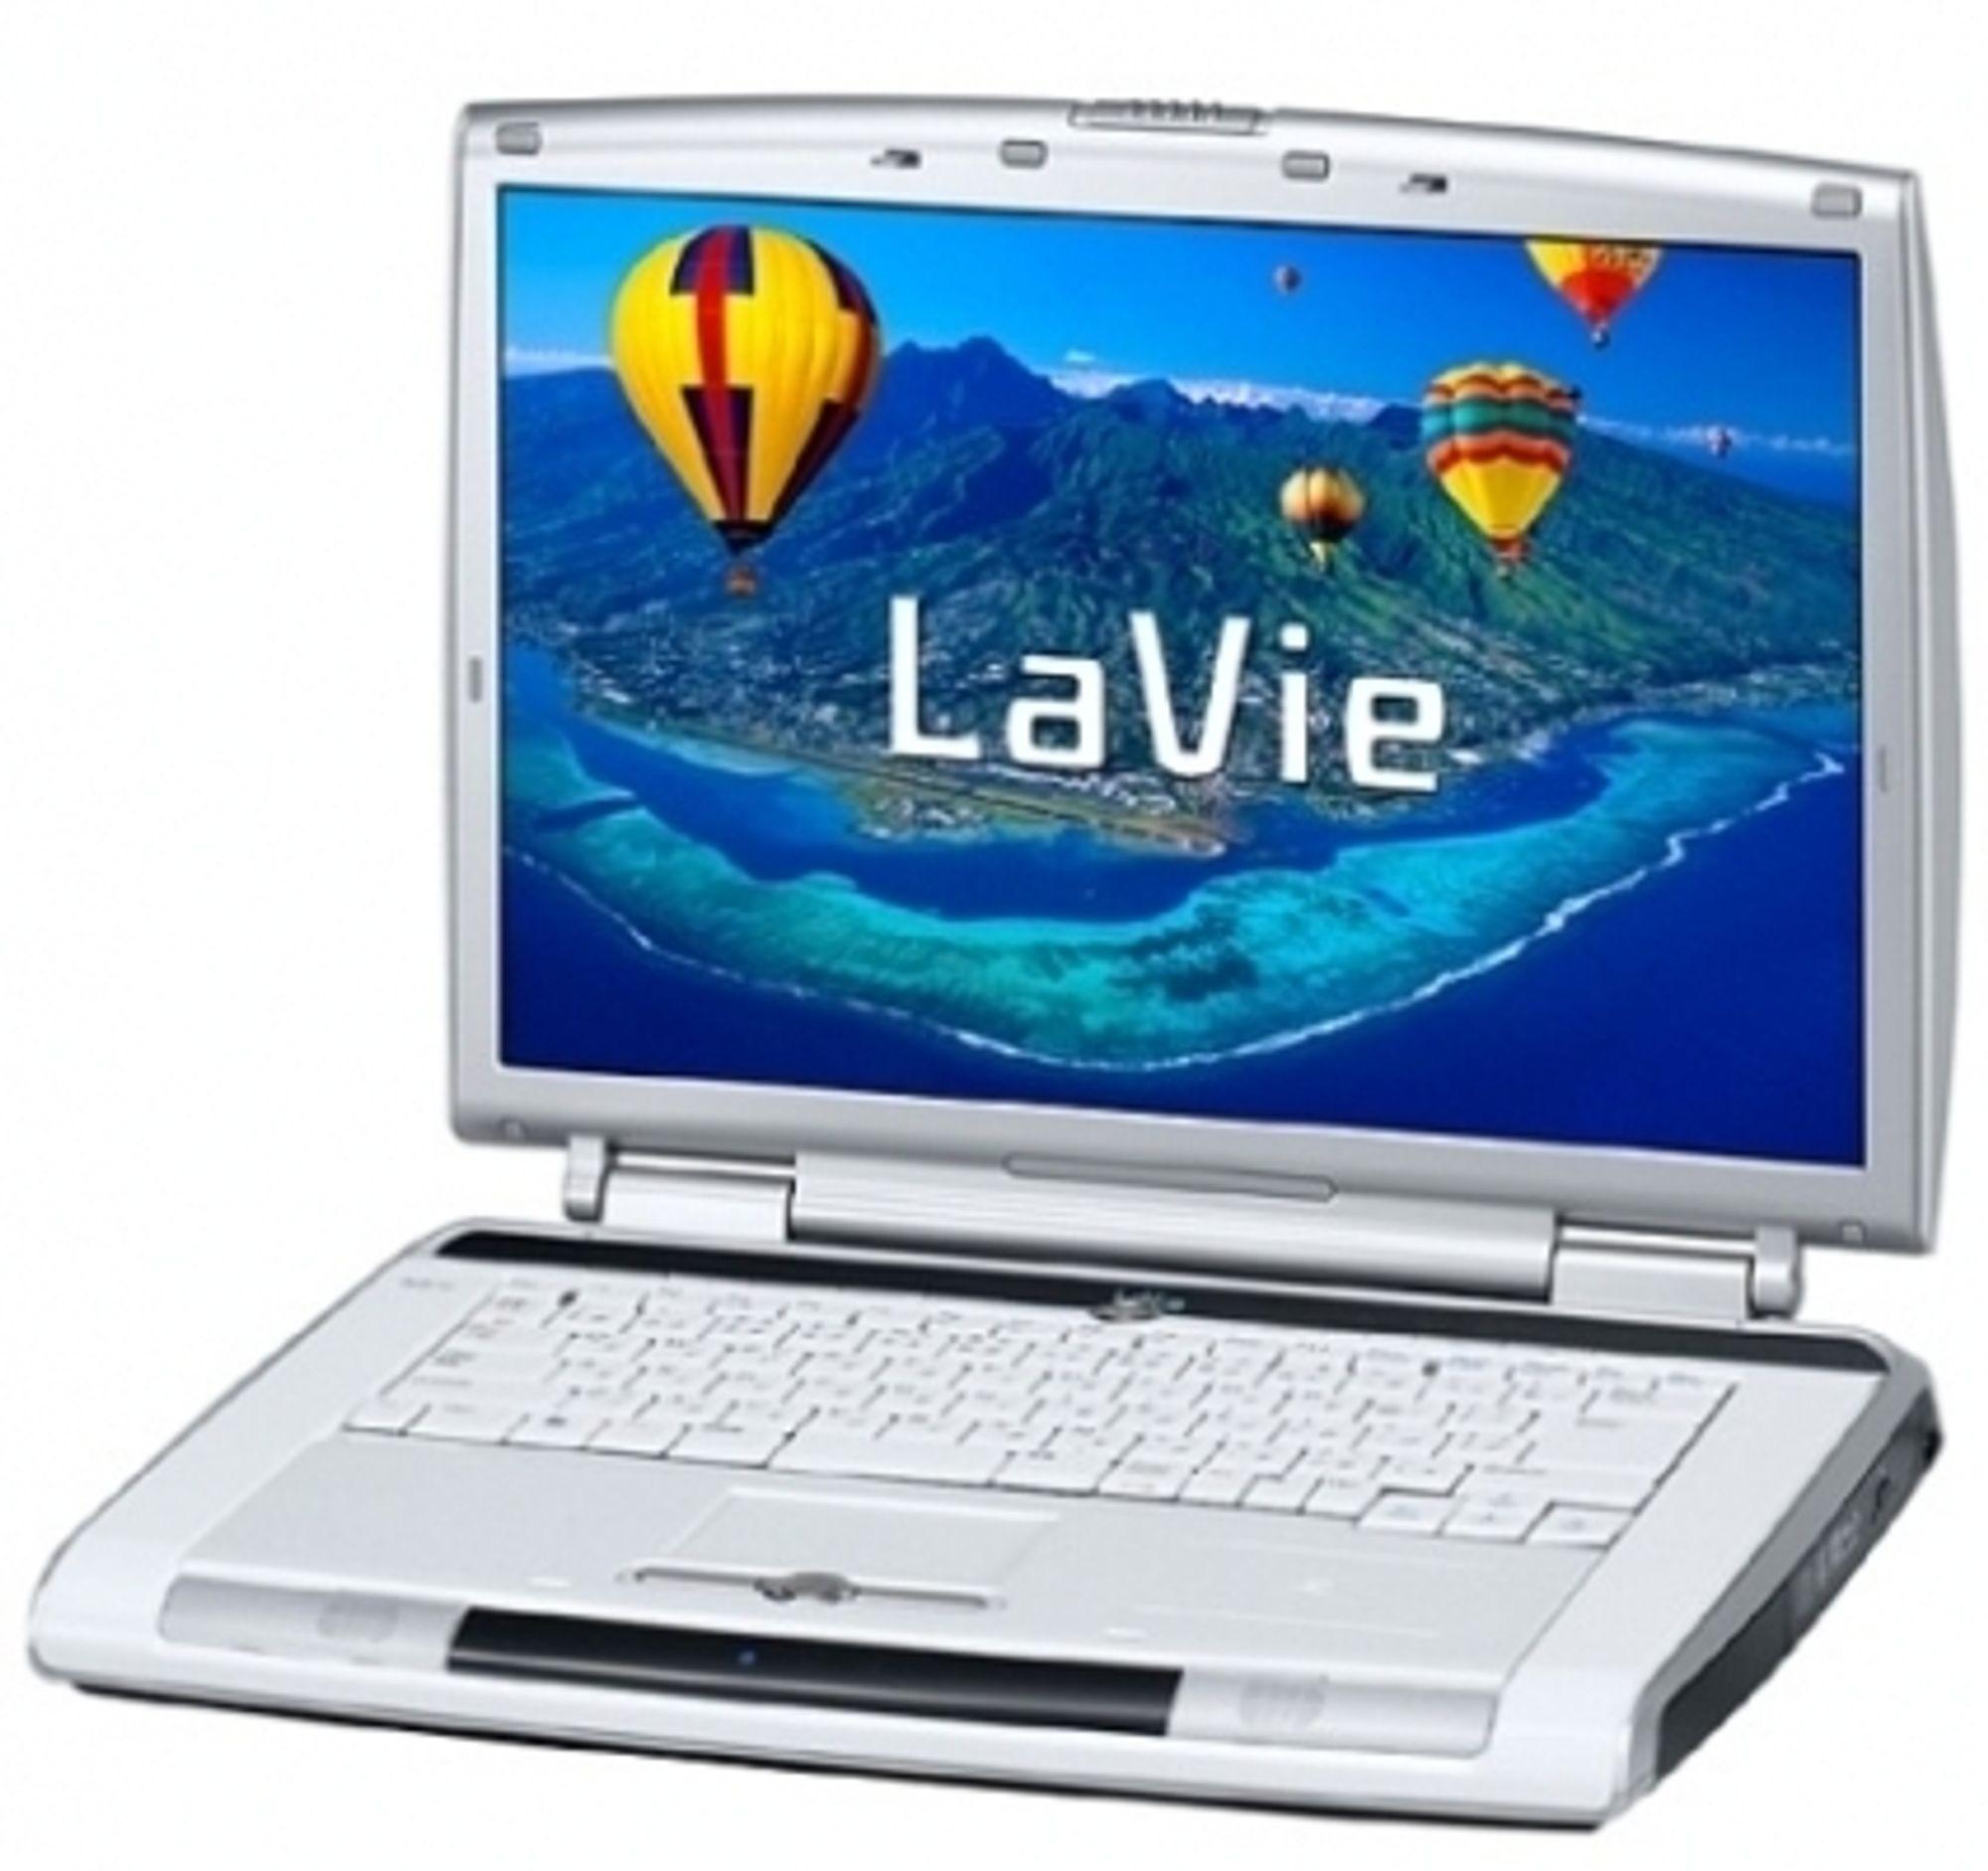 Laptopen NEC LaVie er utstyrt med ansiktsgjenkjenningsteknologi.